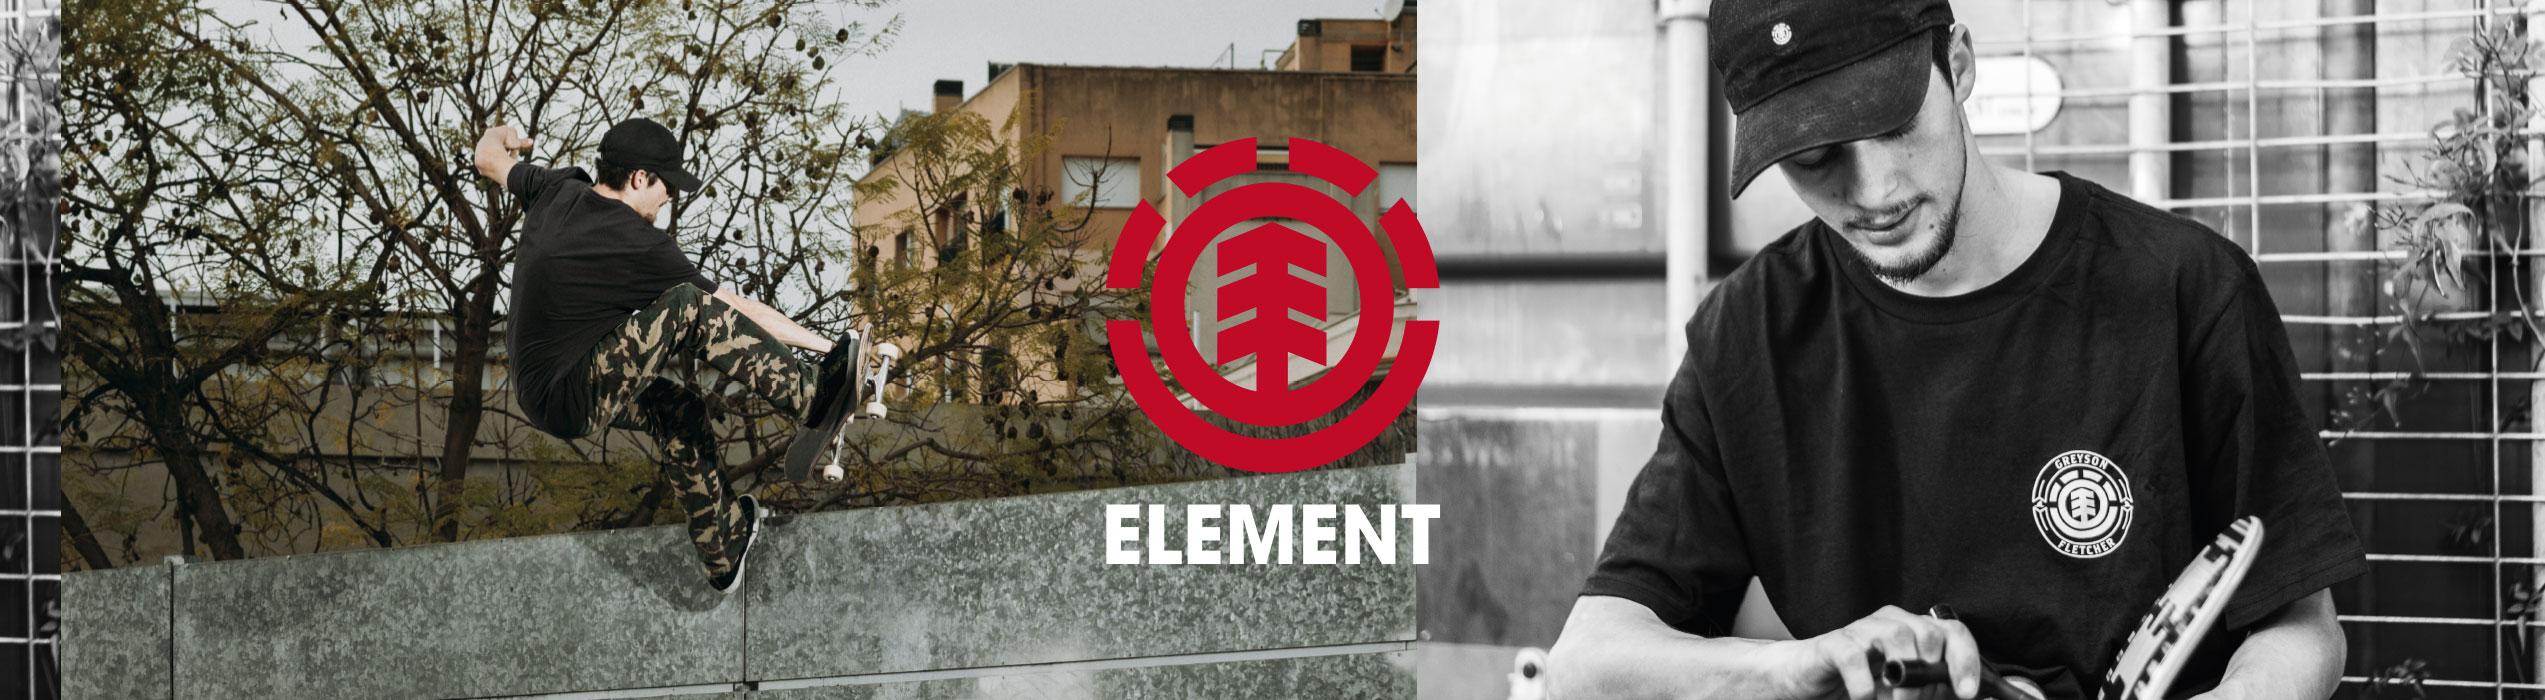 Element_geral_pt